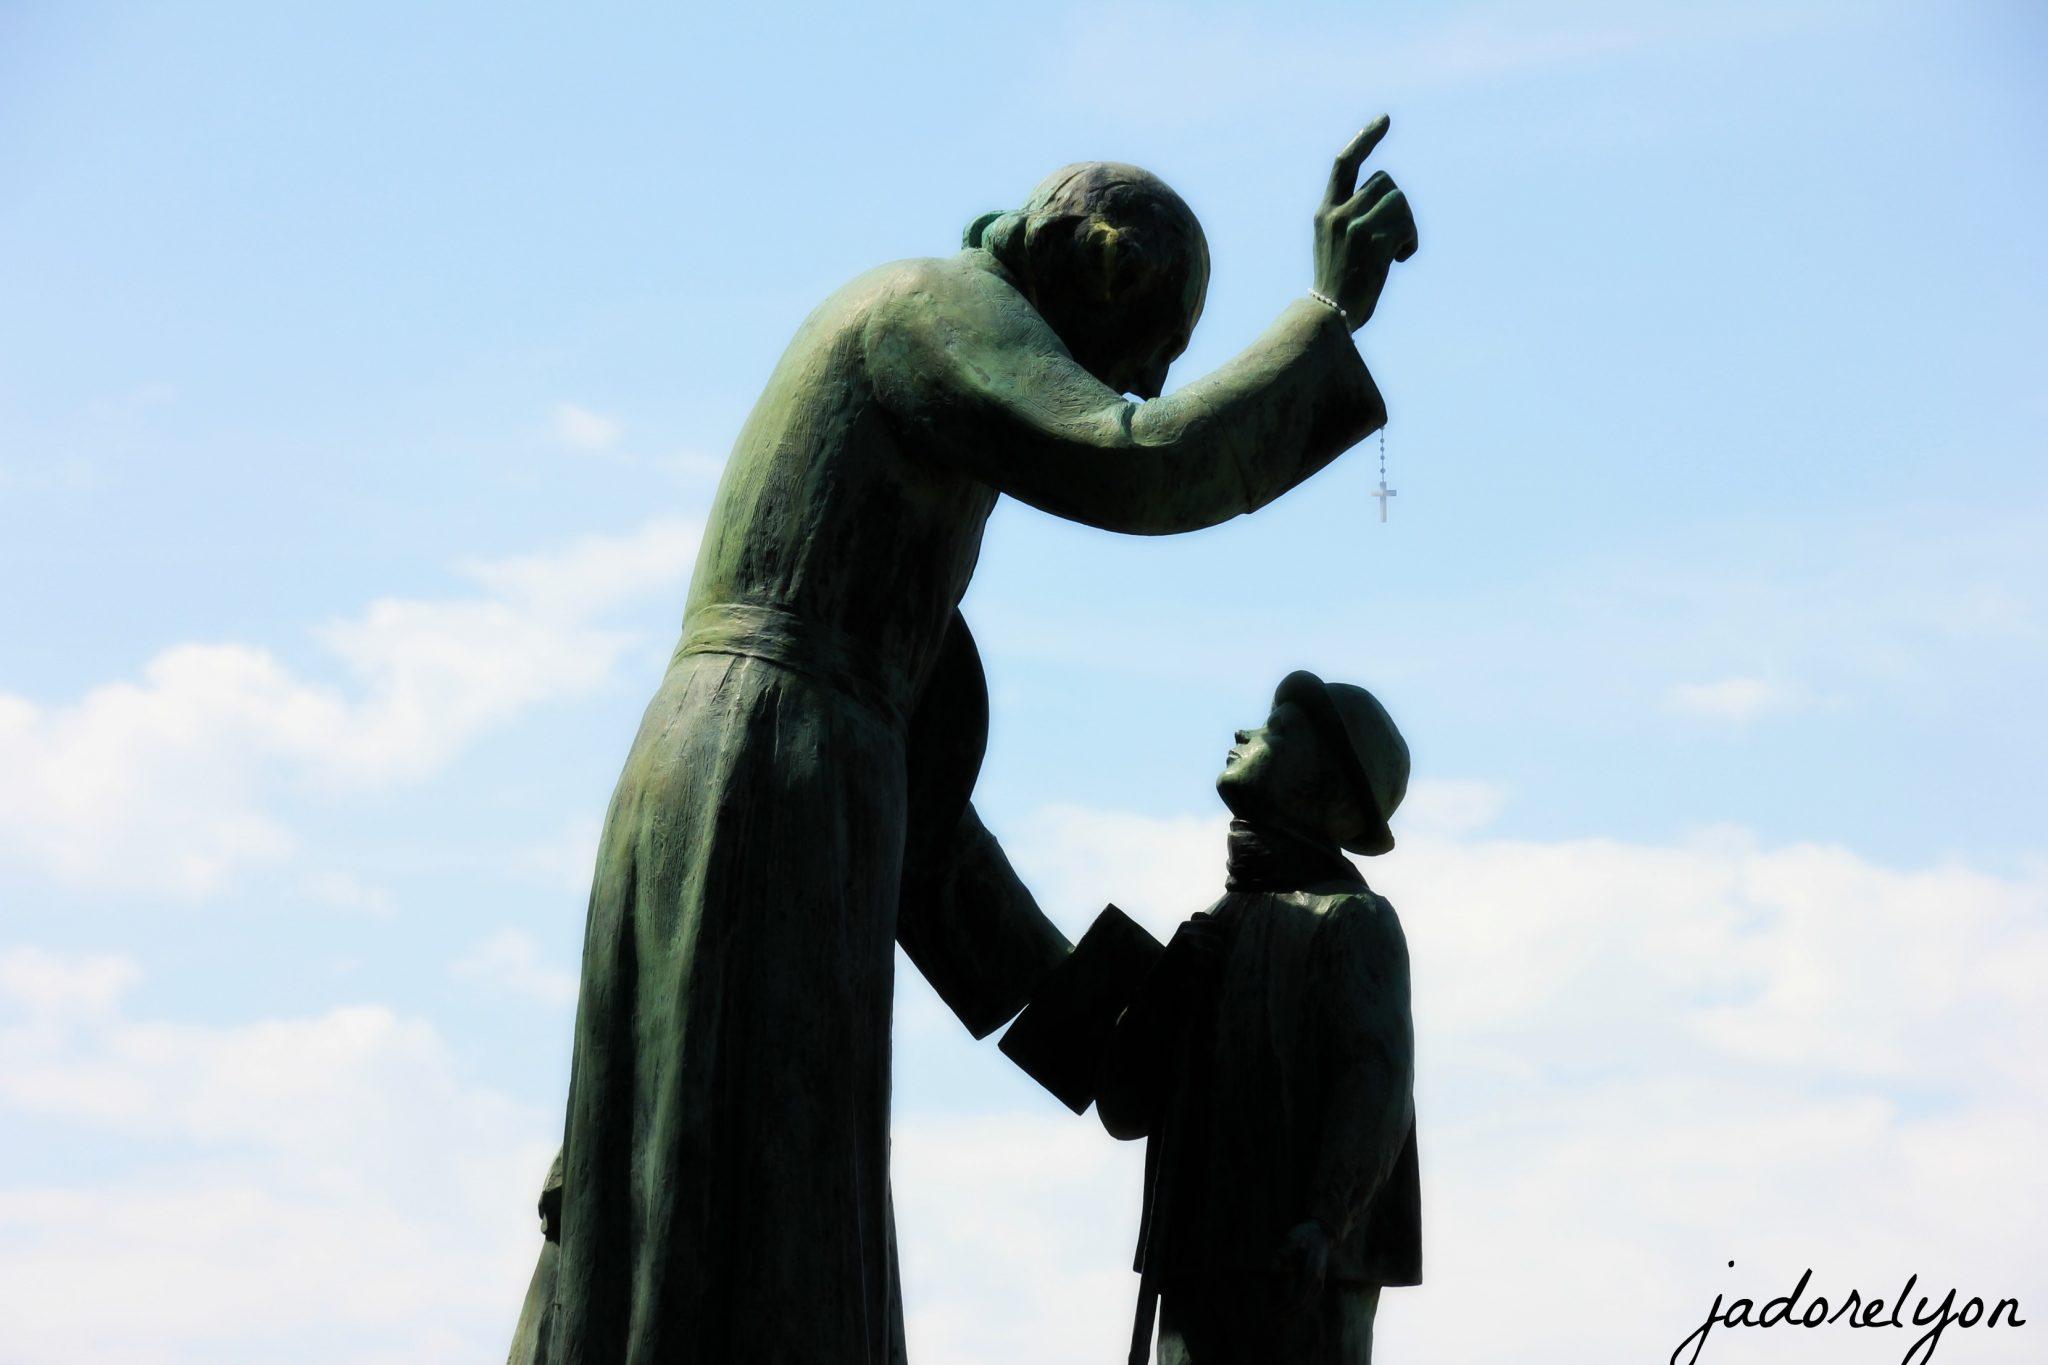 Because you shouldn't miss Monument de la Rencontre Ars-sur-Formans.